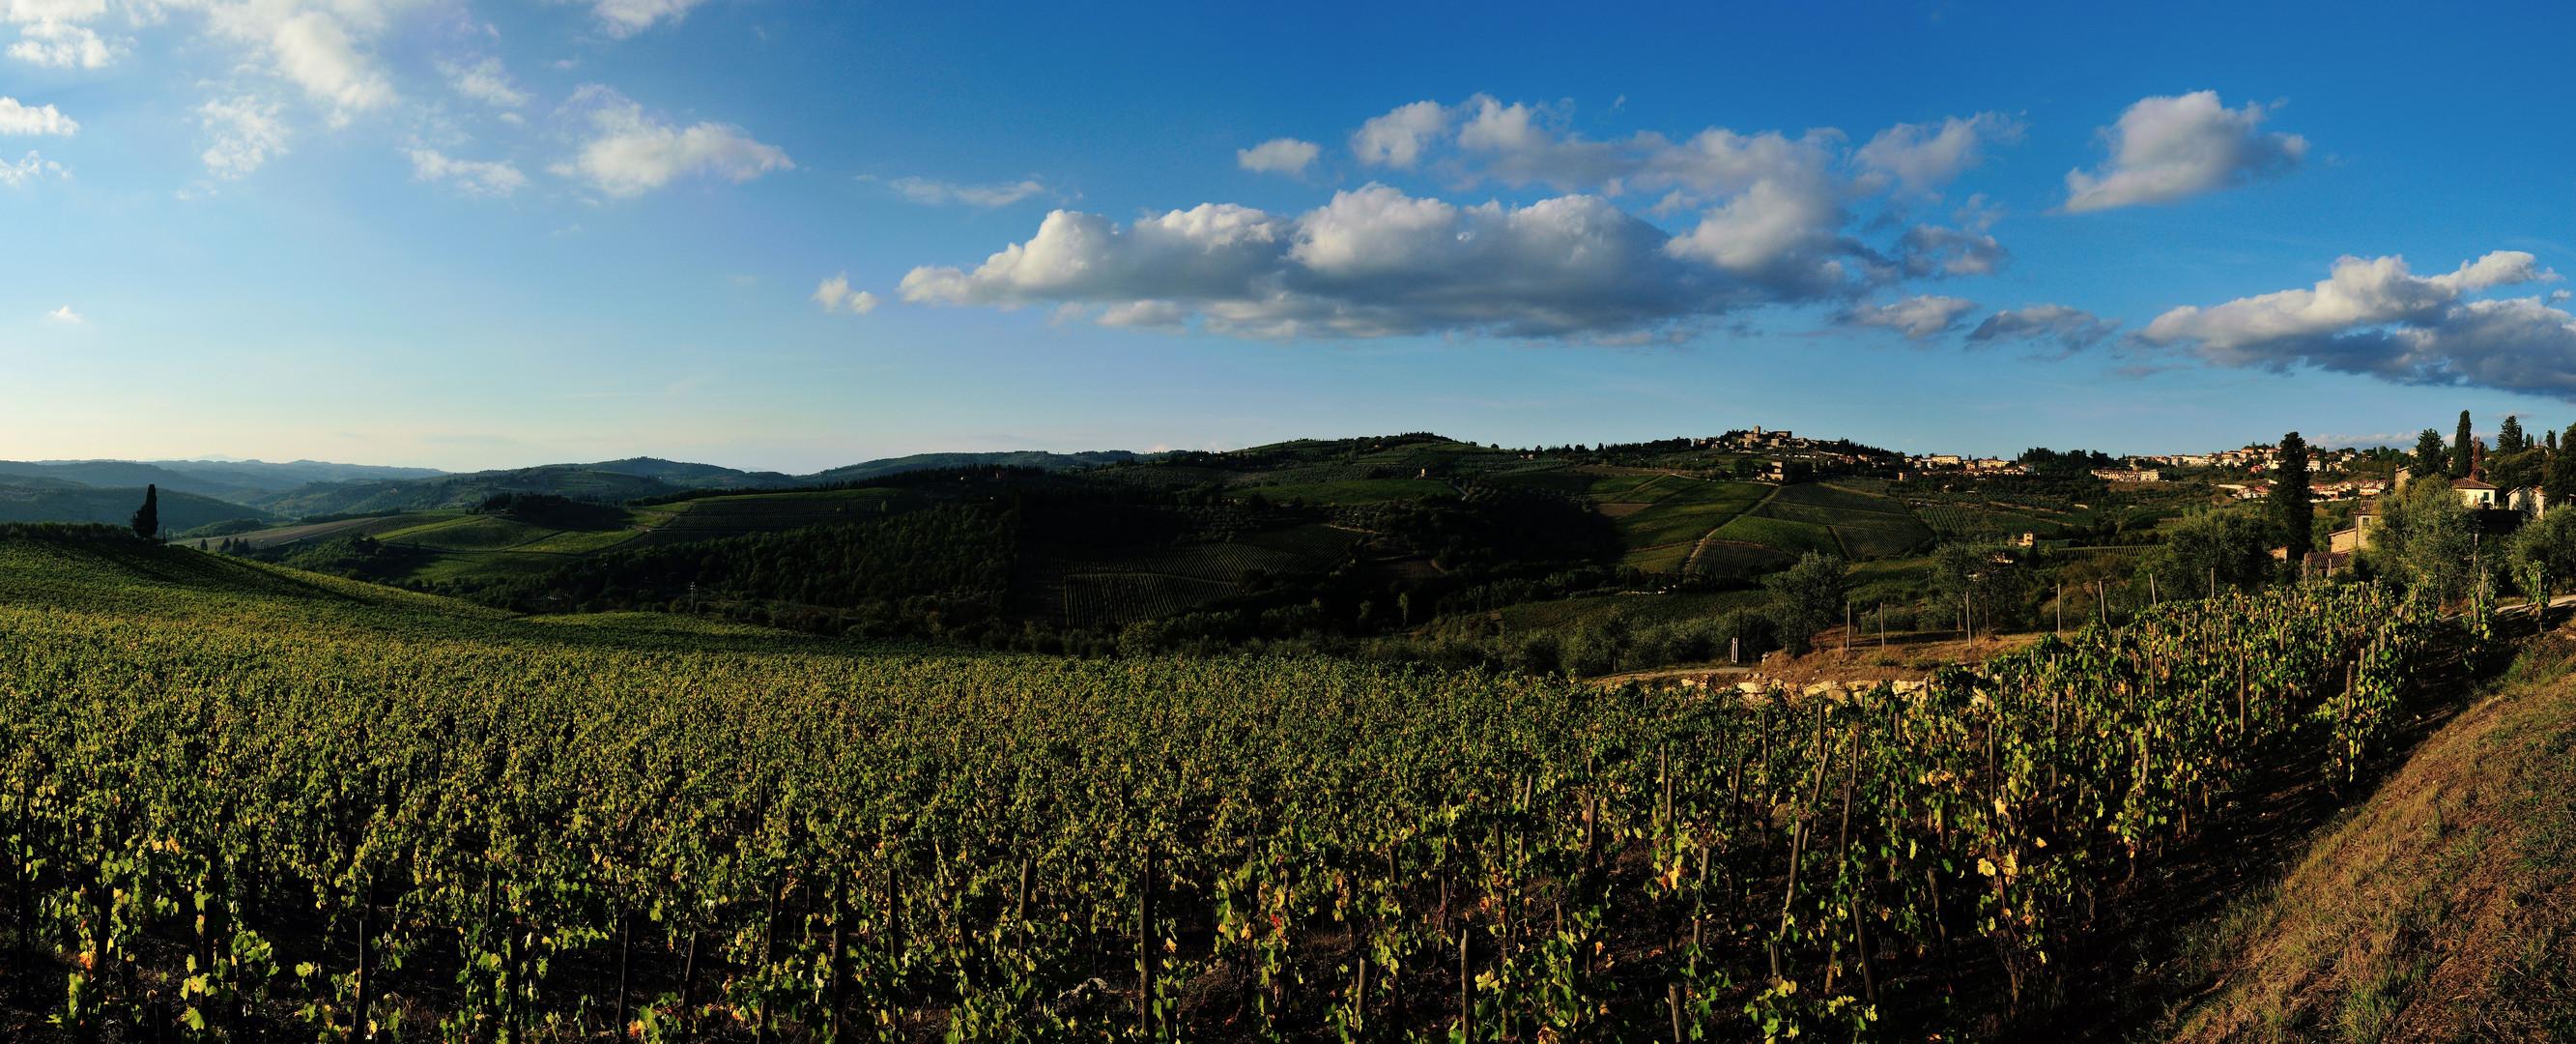 Panorama Panzano und Weinberge